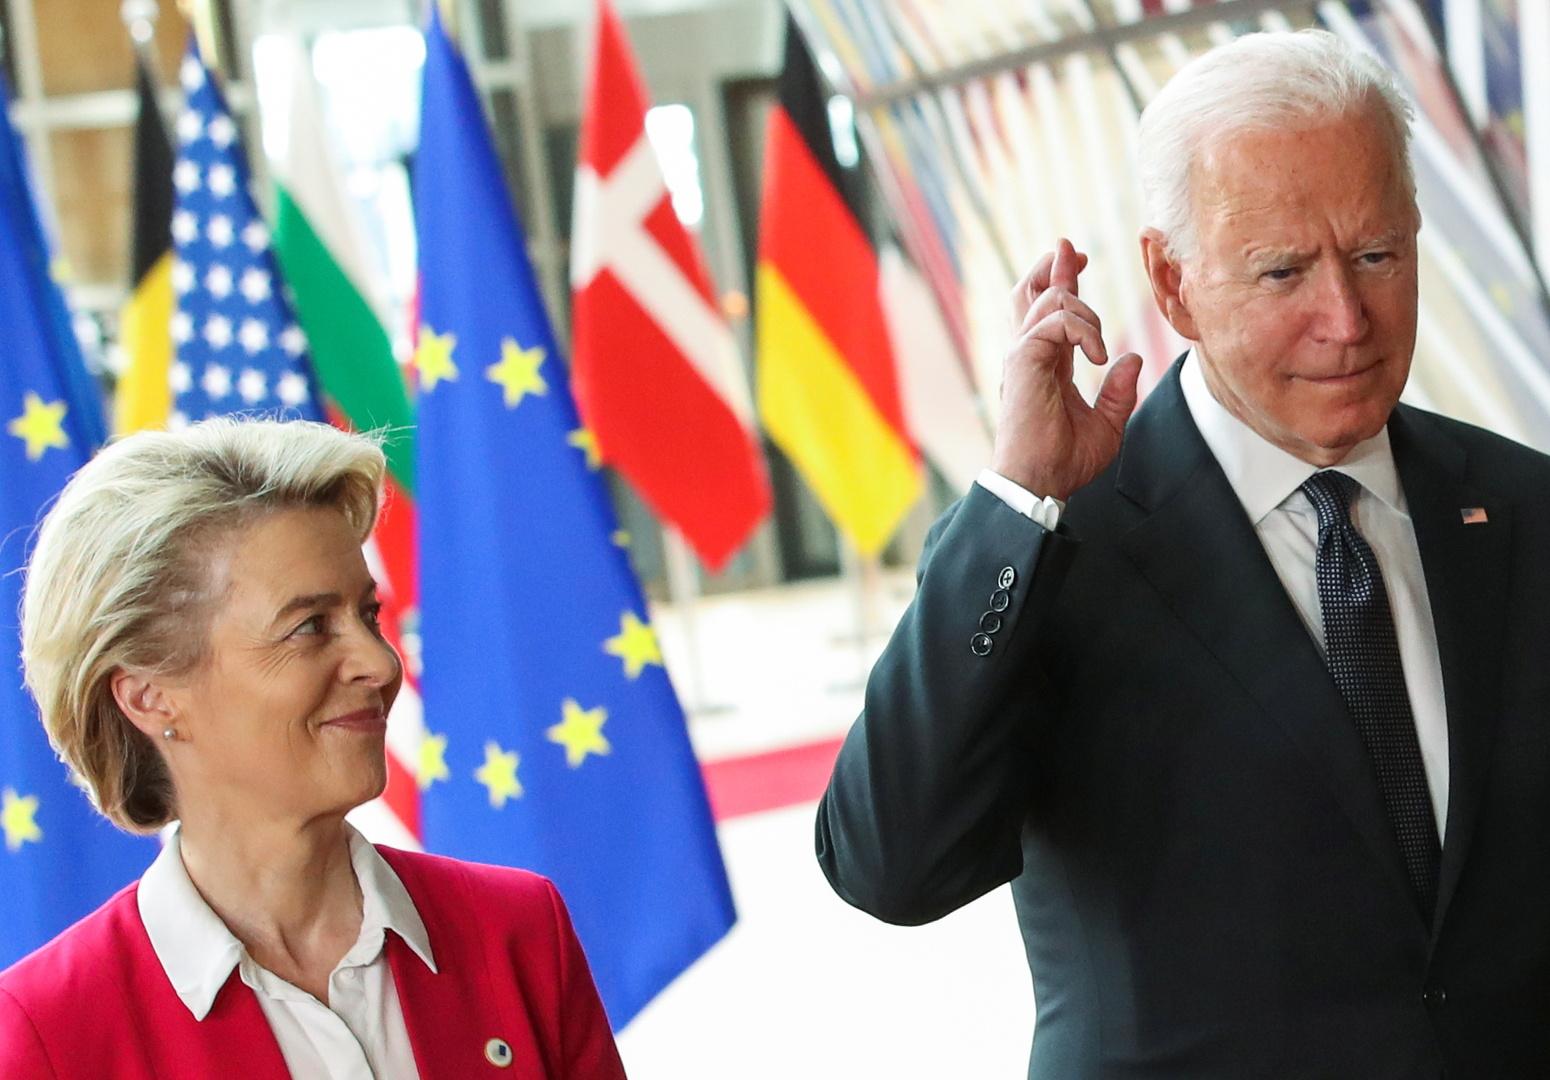 الرئيس الأمريكي، جو بايدن، ورئيسة المفوضية الأوروبية، أورسولا فون دير لاين، خلال القمة الأمريكية الأوروبية في بروكسل يوم 15 يونيو 2021.